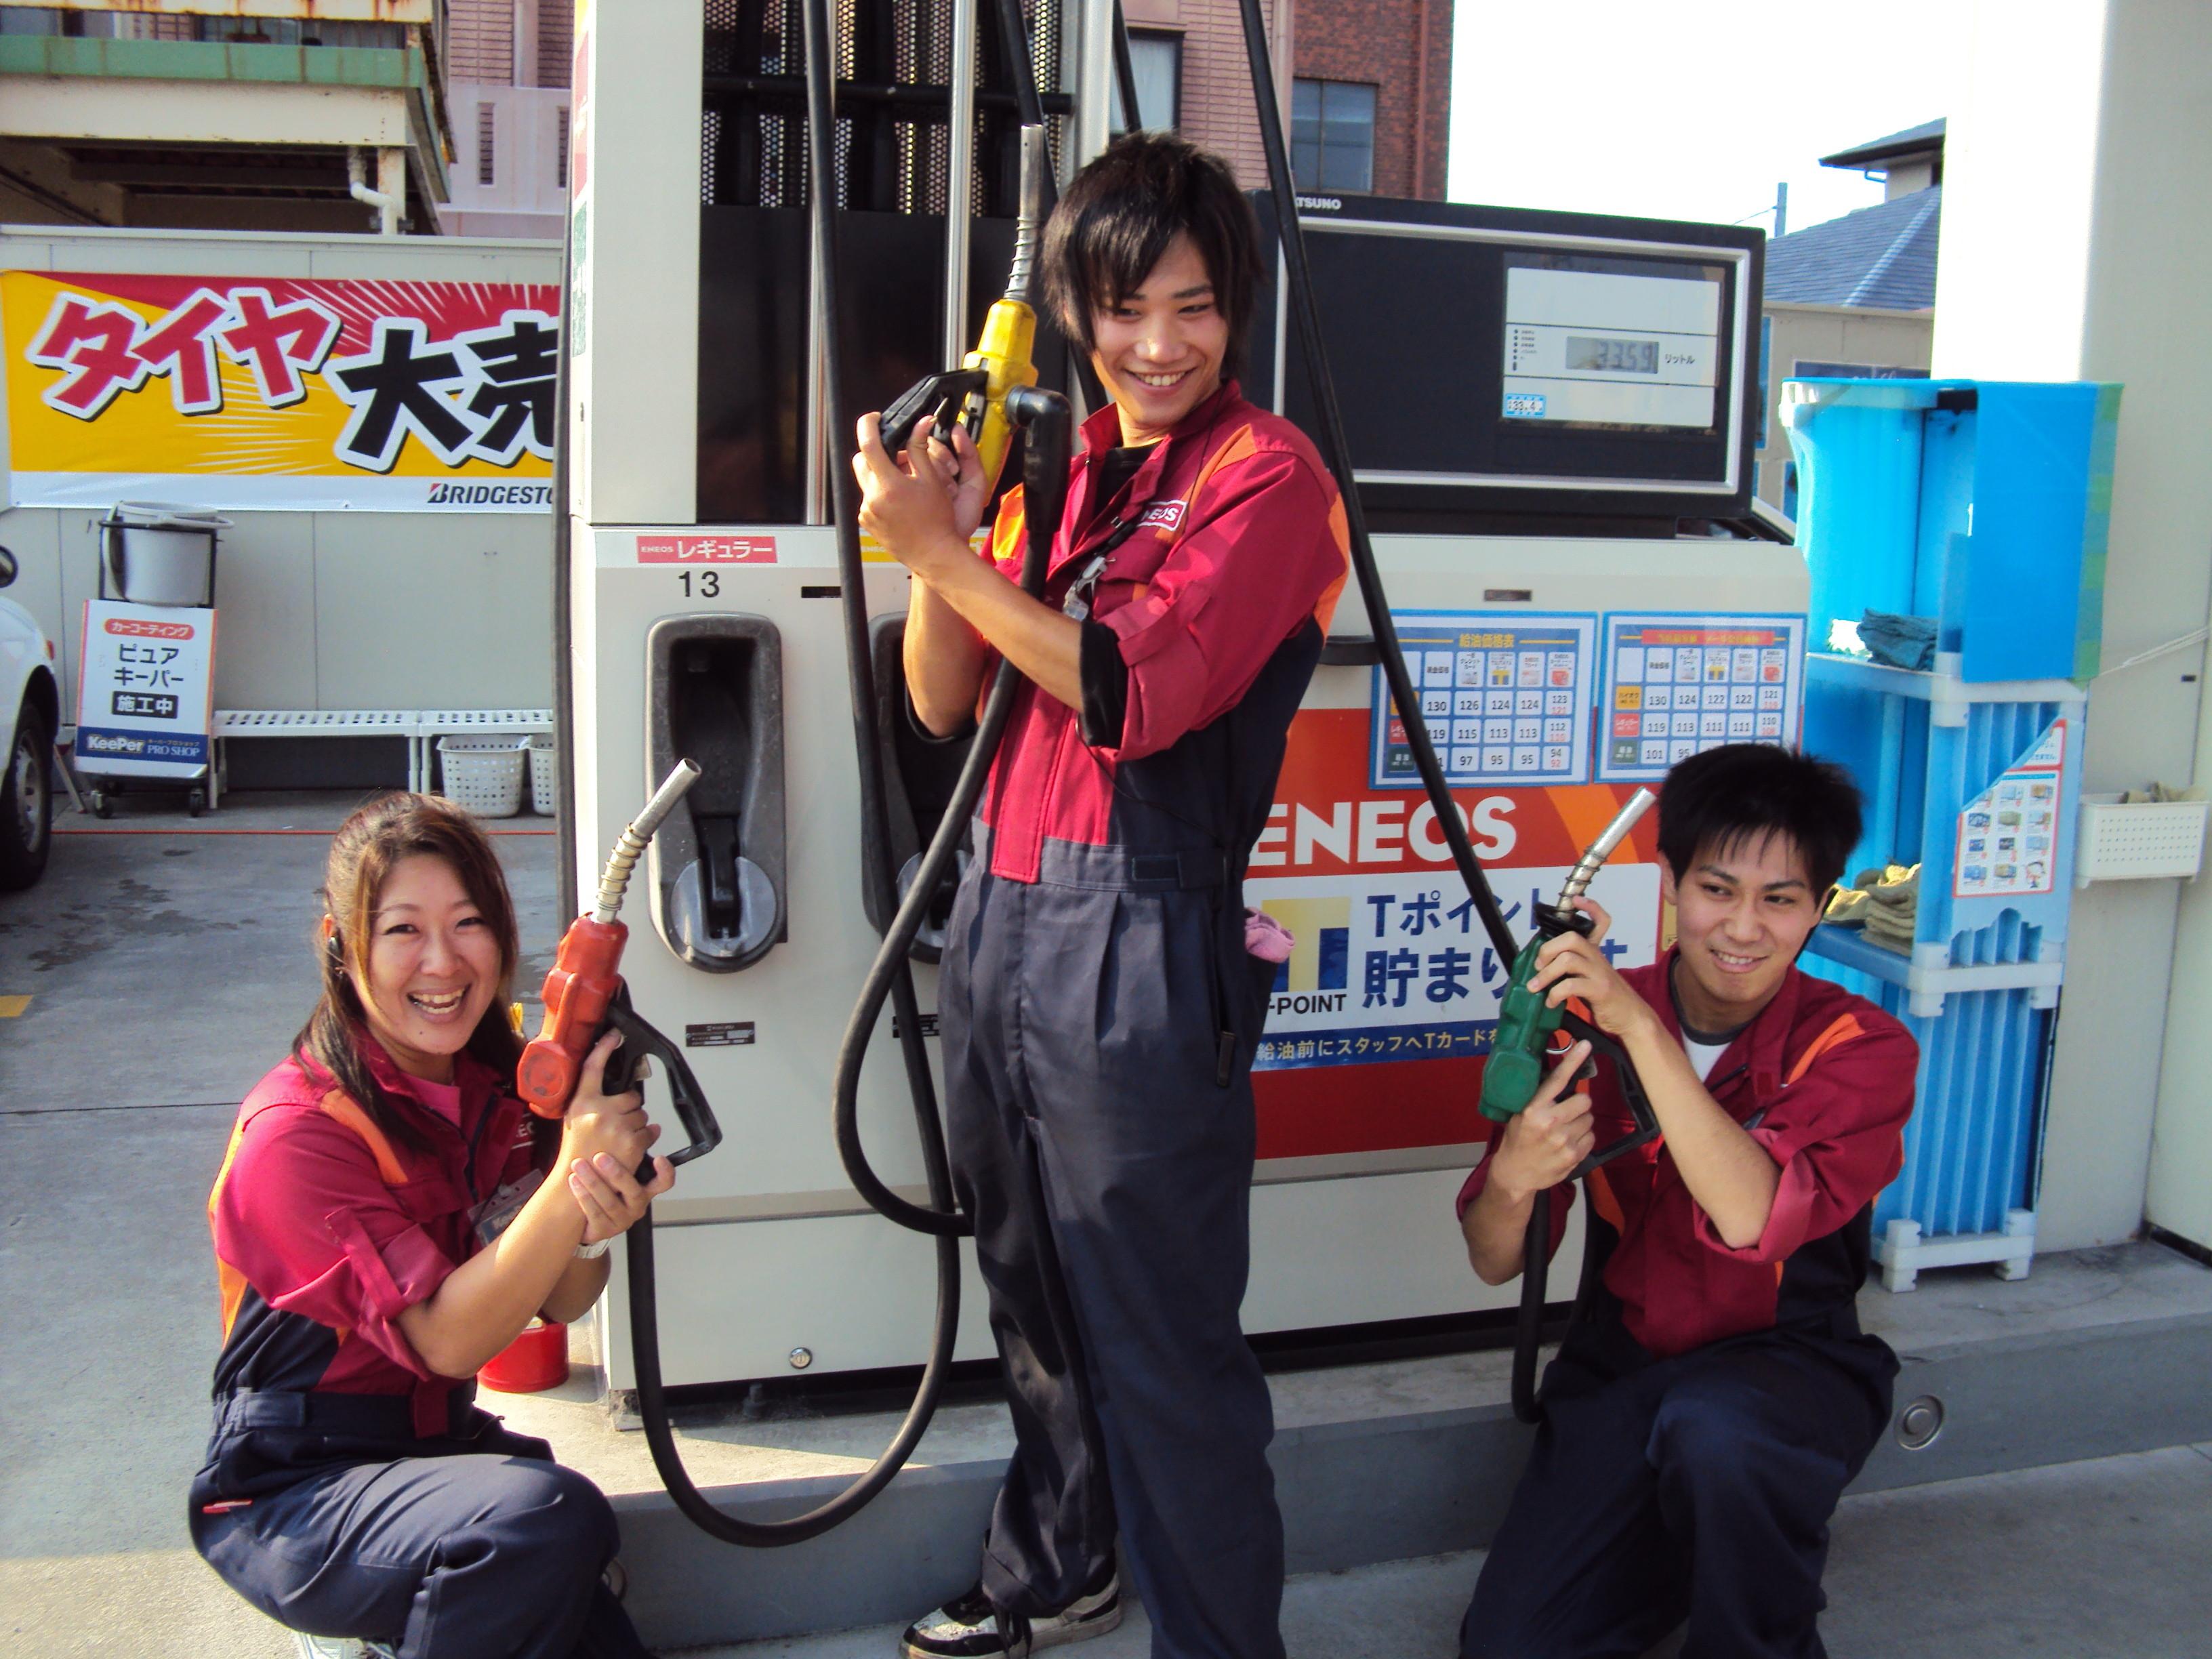 エネオス Dr.Drive 三島店(伊伝株式会社) のアルバイト情報